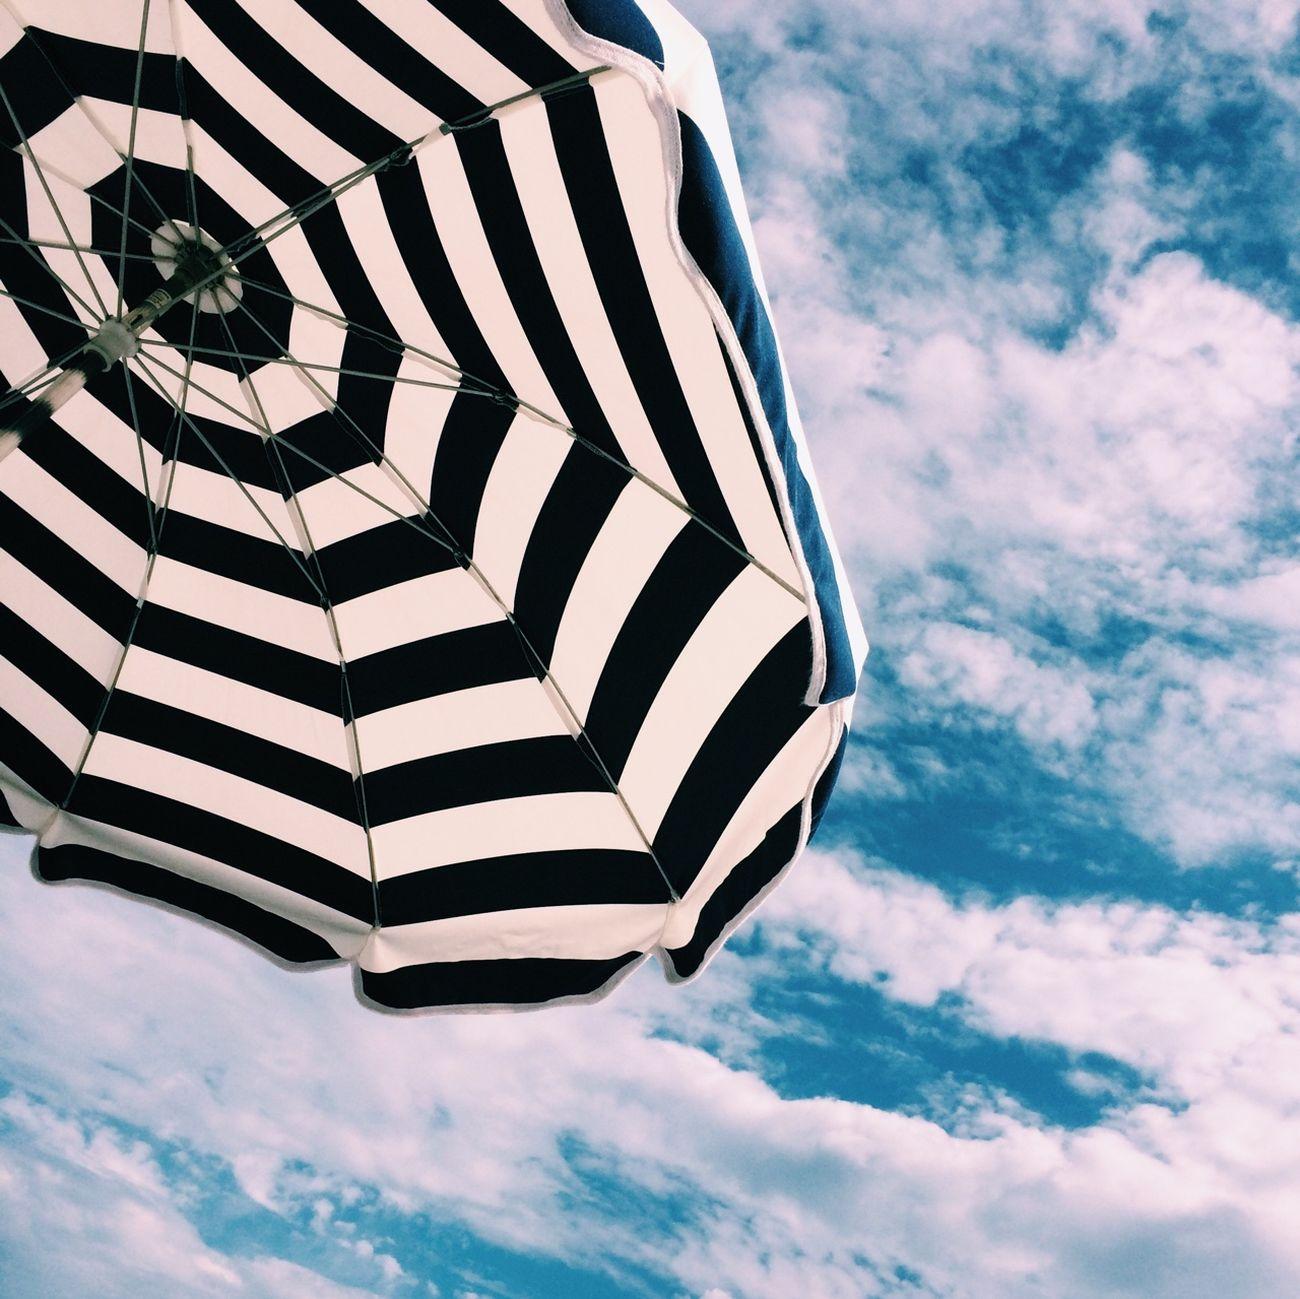 Mersin Beach Suny Day Esmiyor Sıcak Holiday Vintage Tumblr